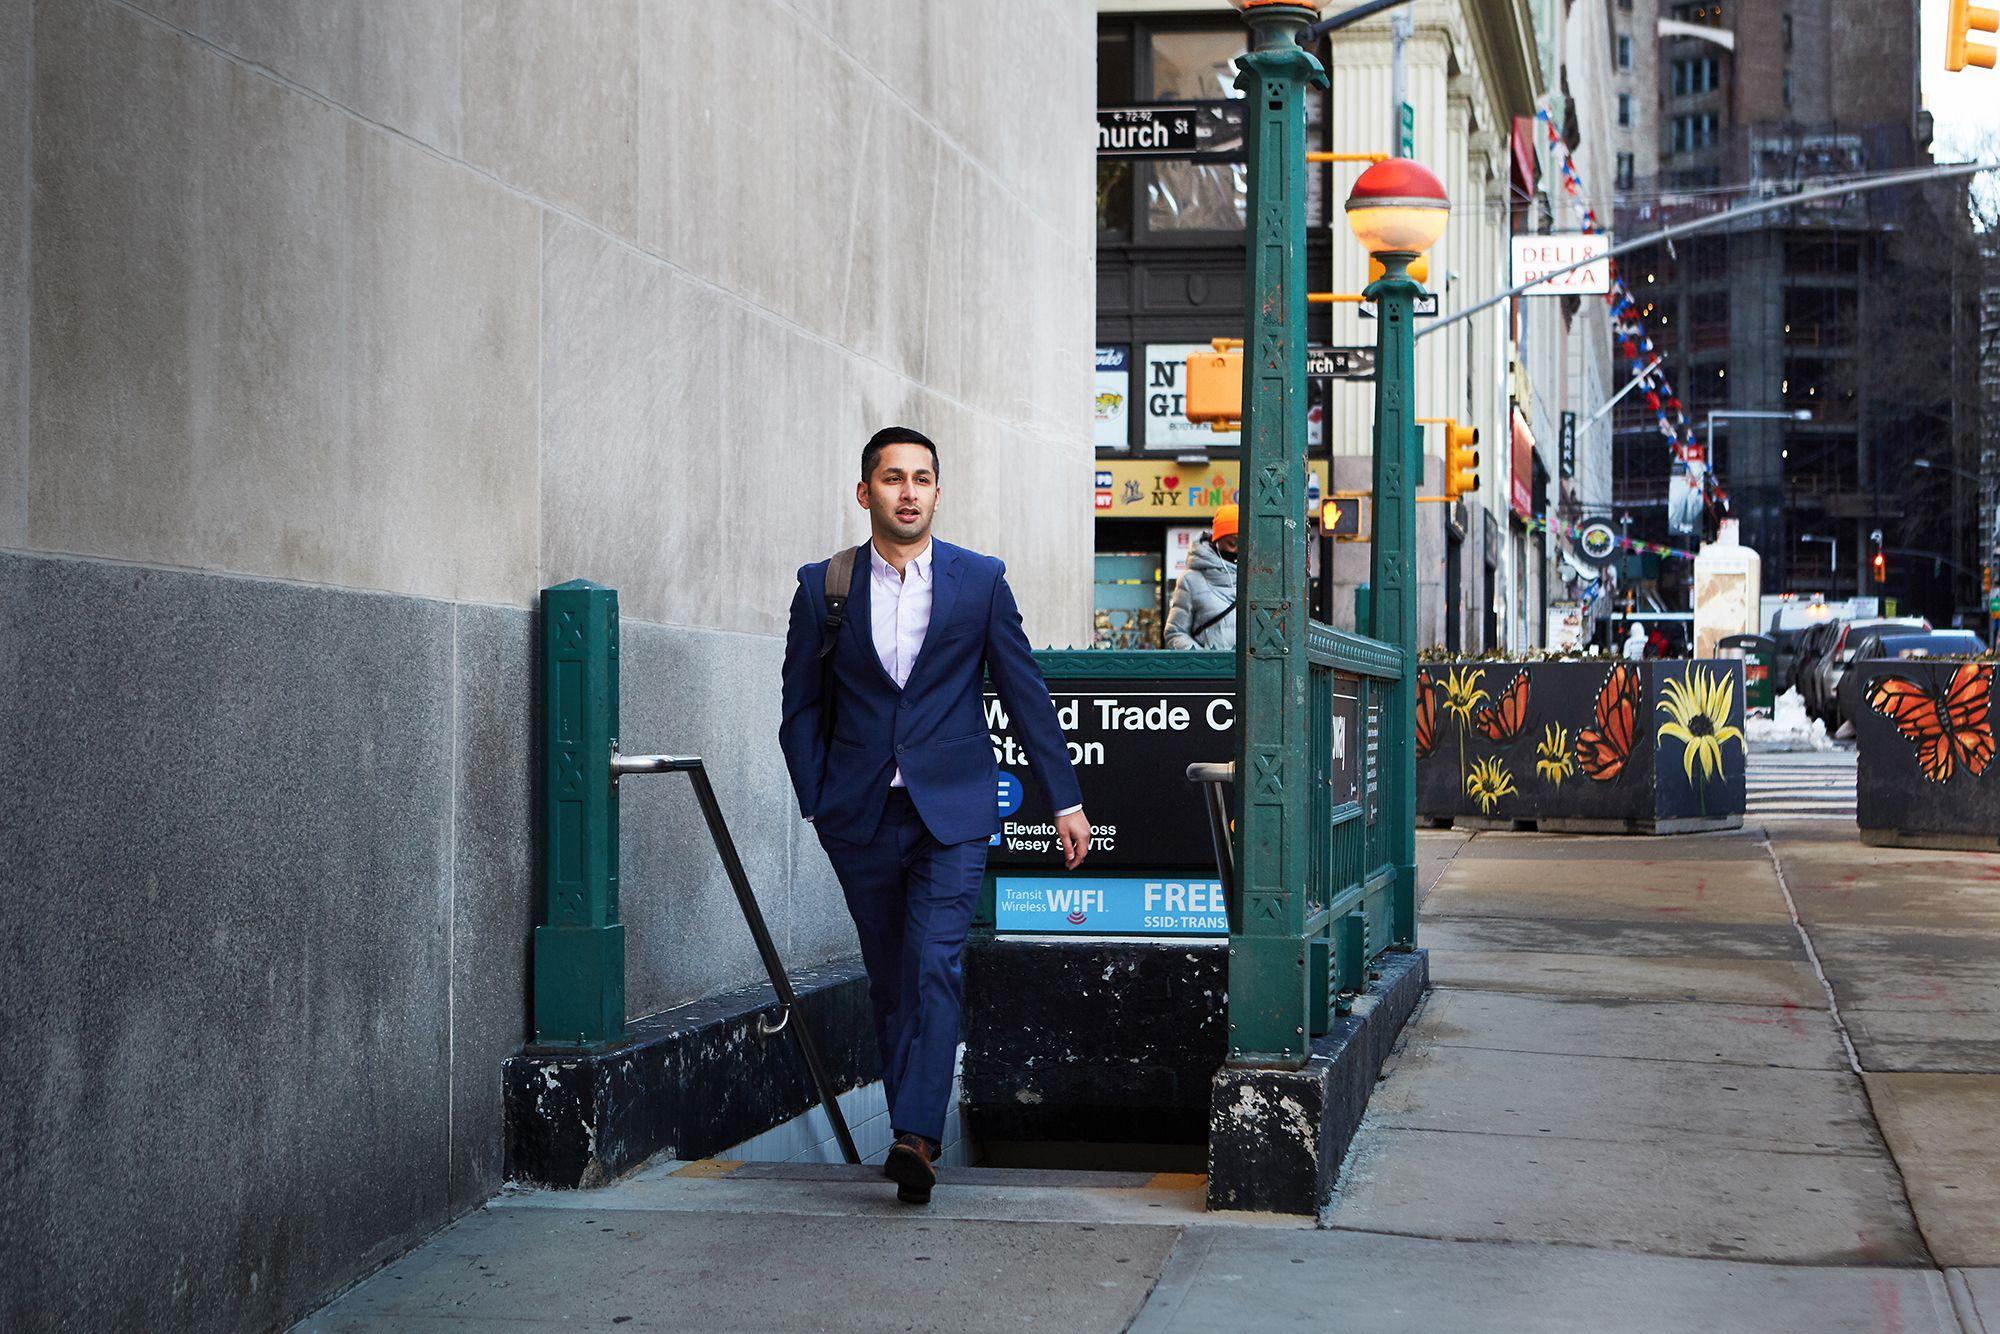 Aditya Mahara '12 exiting the subway at the World Trade Center station in New York City.